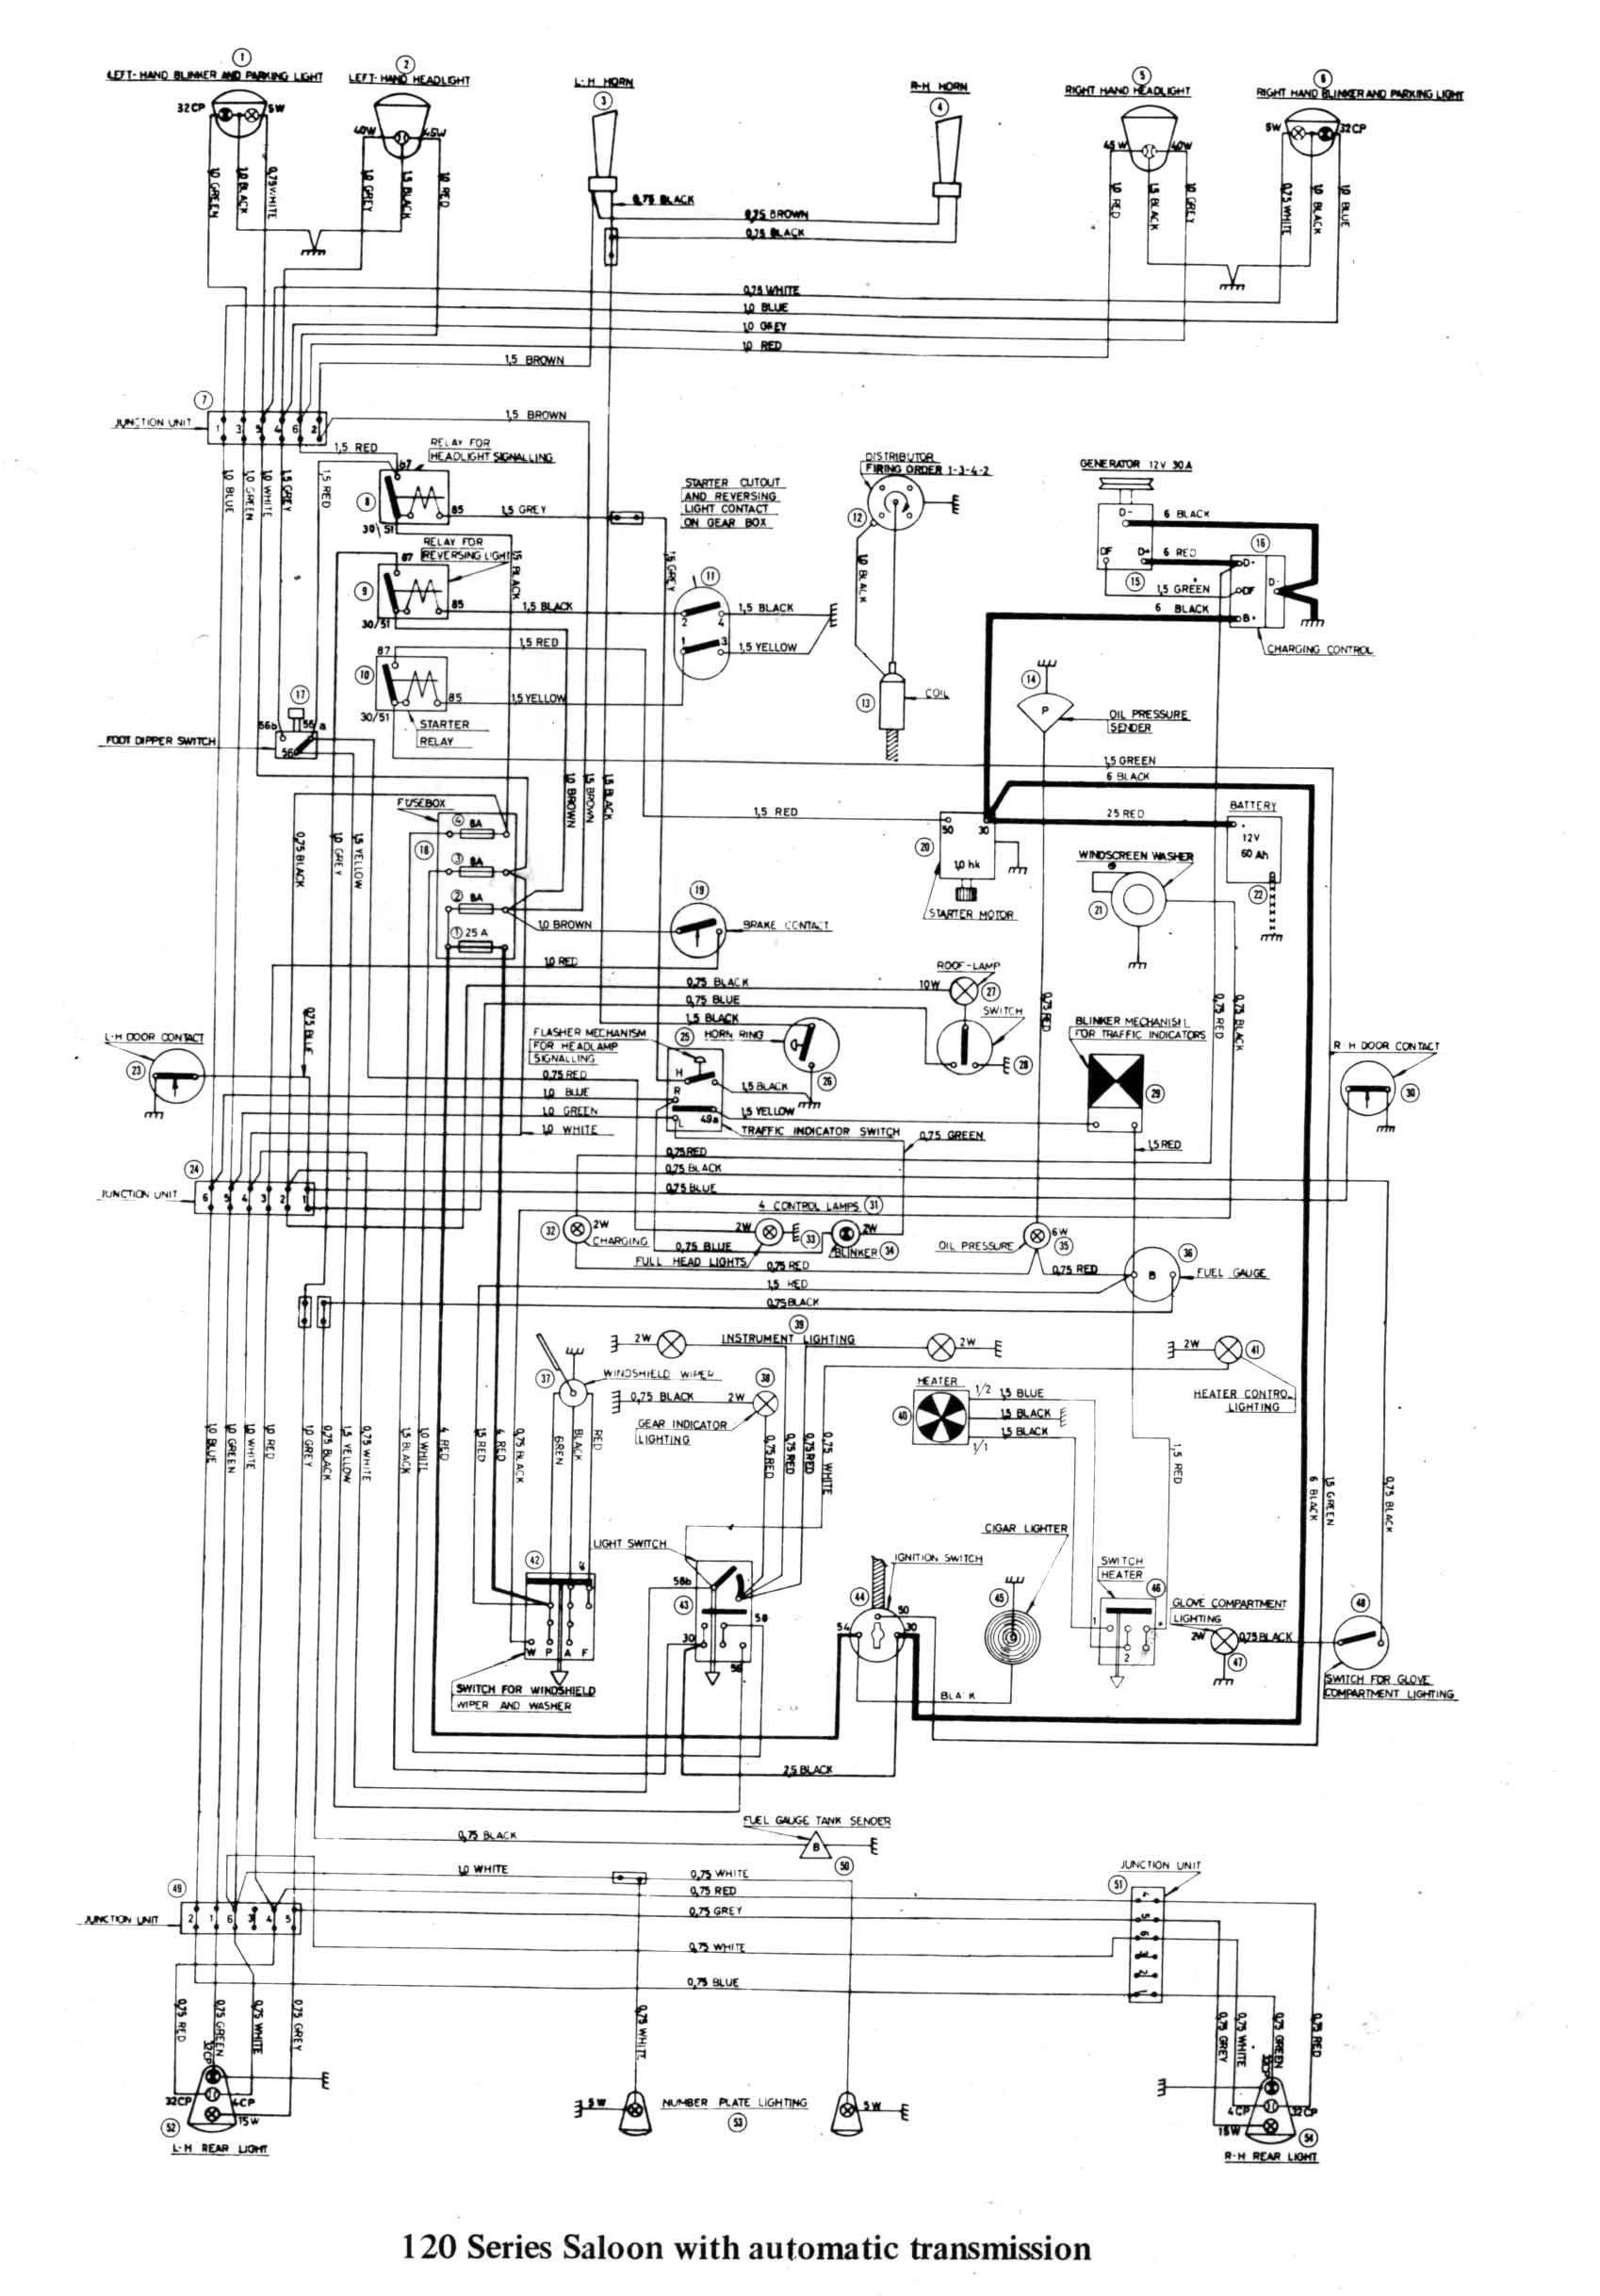 Turn Signal Brake Light Wiring Diagram Wiring Diagram Turn Signals and Brake Lights 2018 Turn Signal Wiring Of Turn Signal Brake Light Wiring Diagram